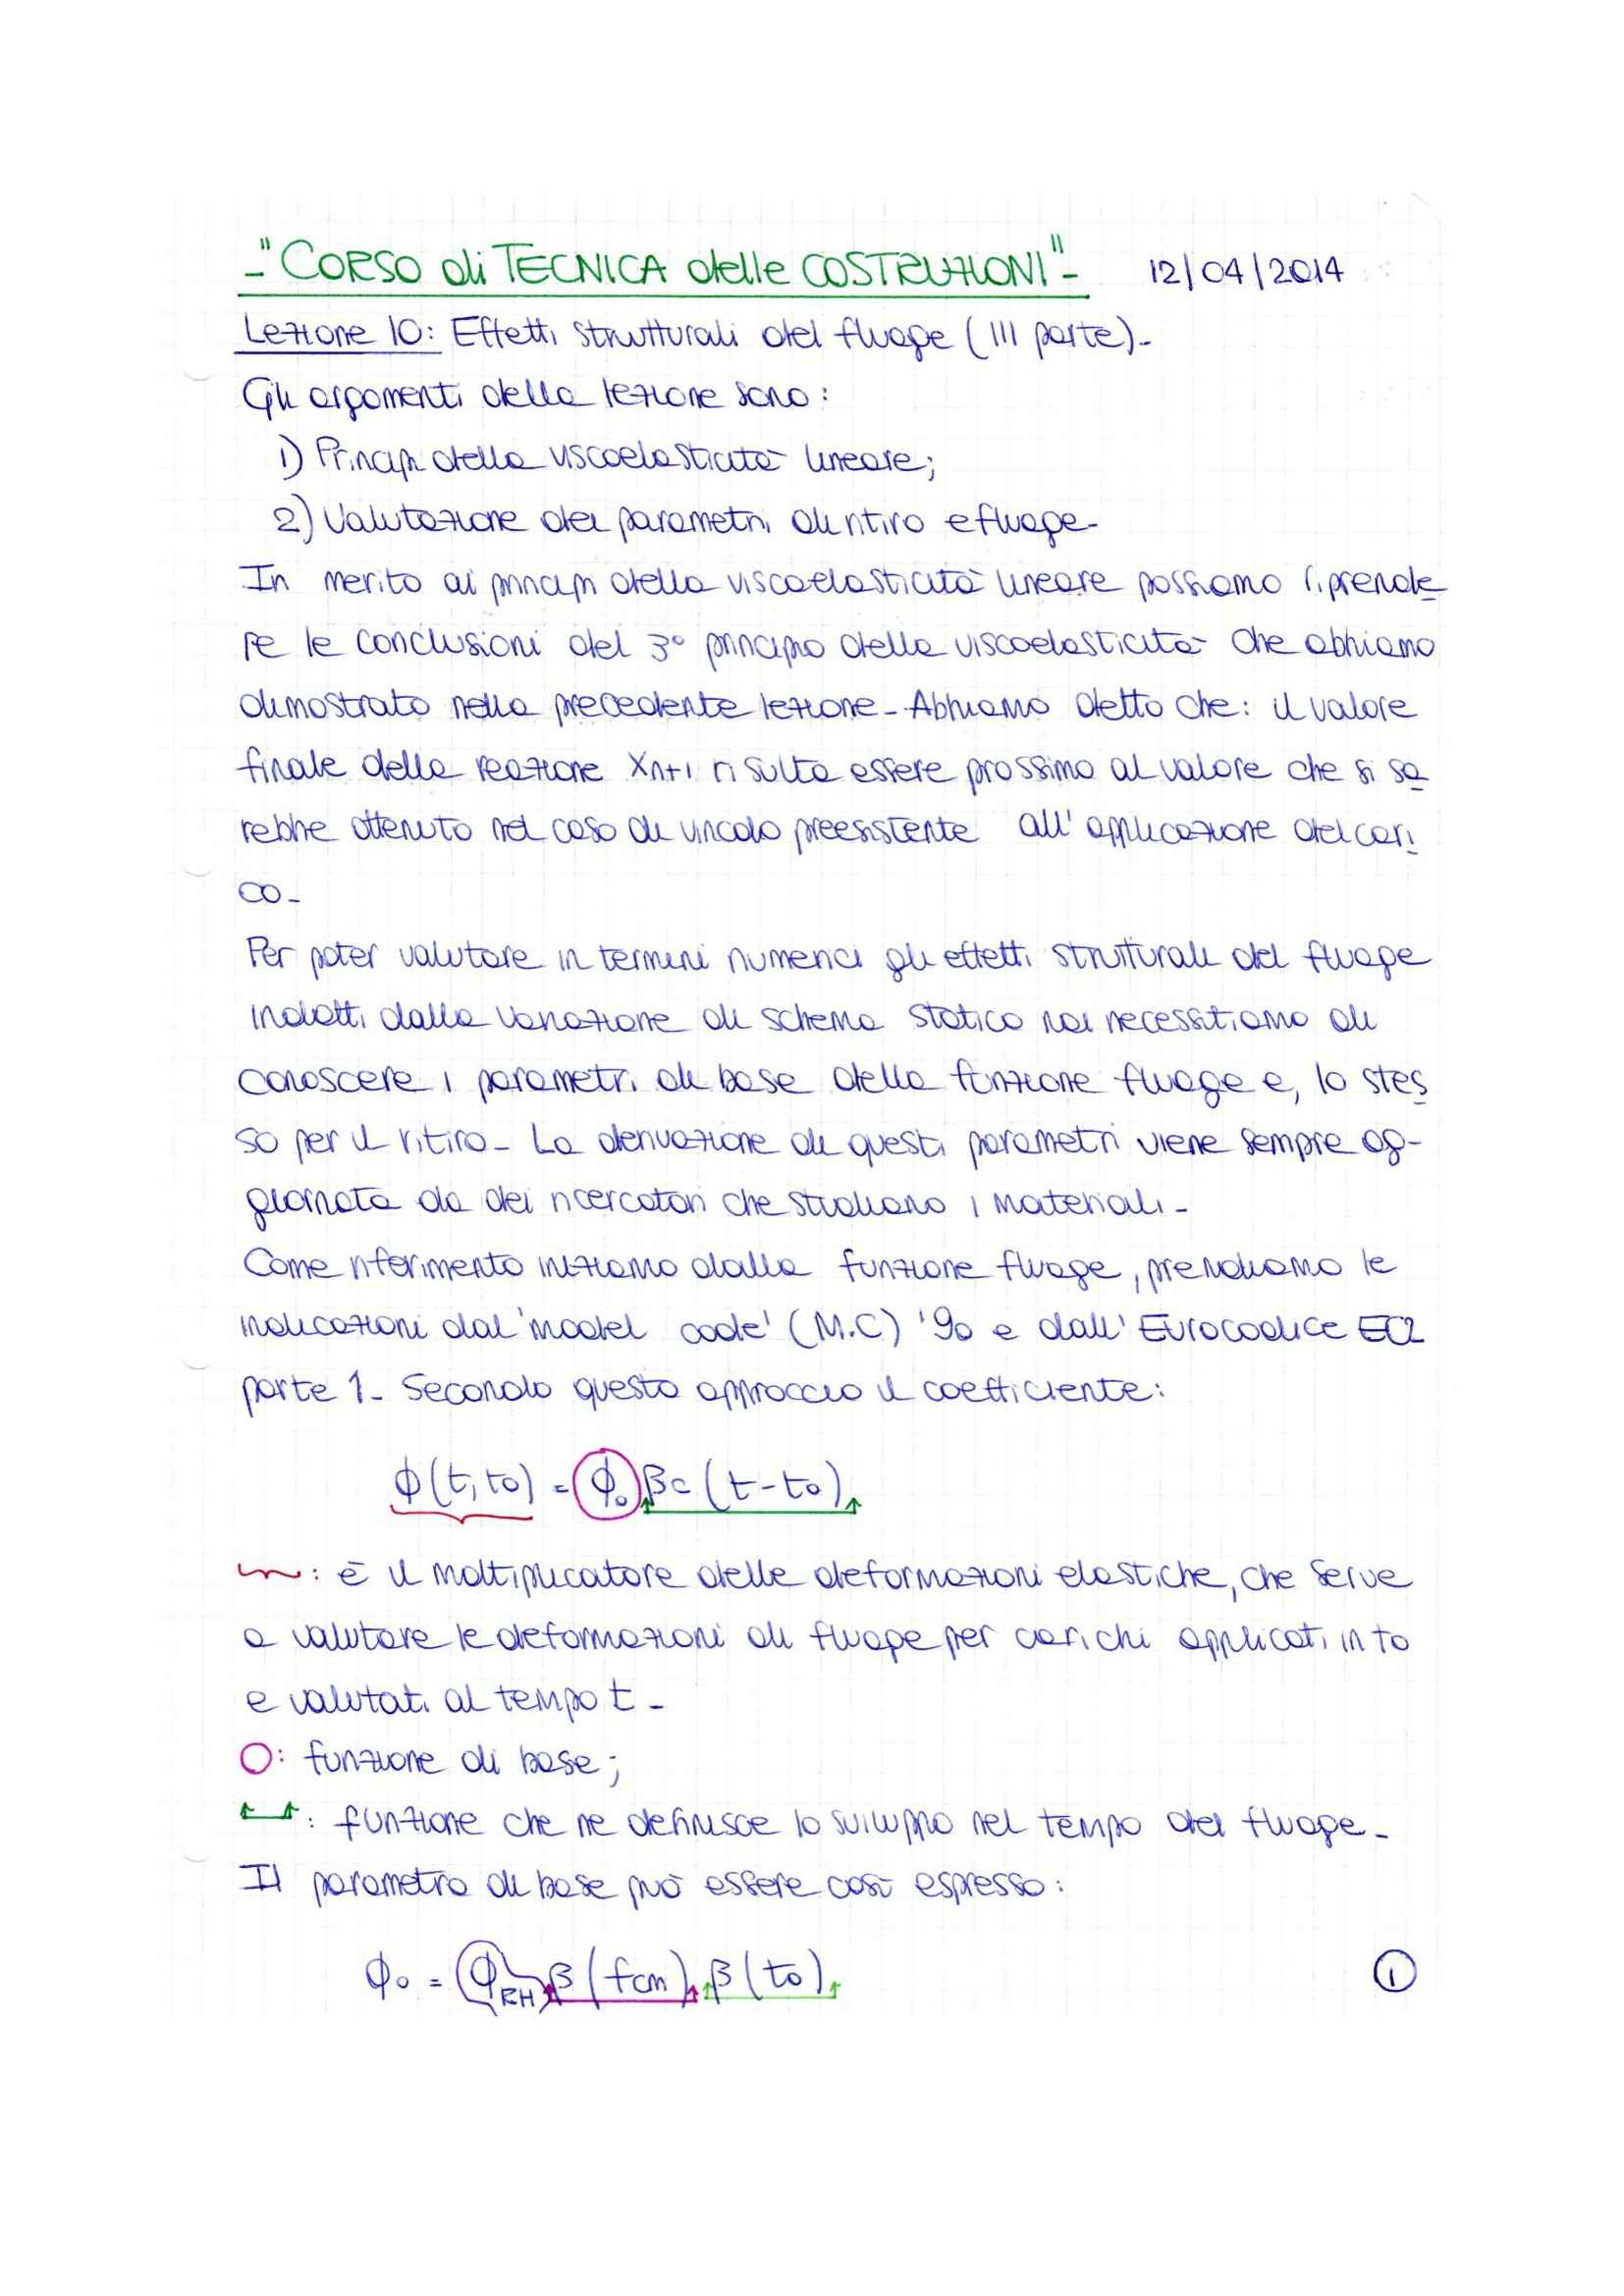 Tecnica delle costruzioni - lezione 10 Pag. 2